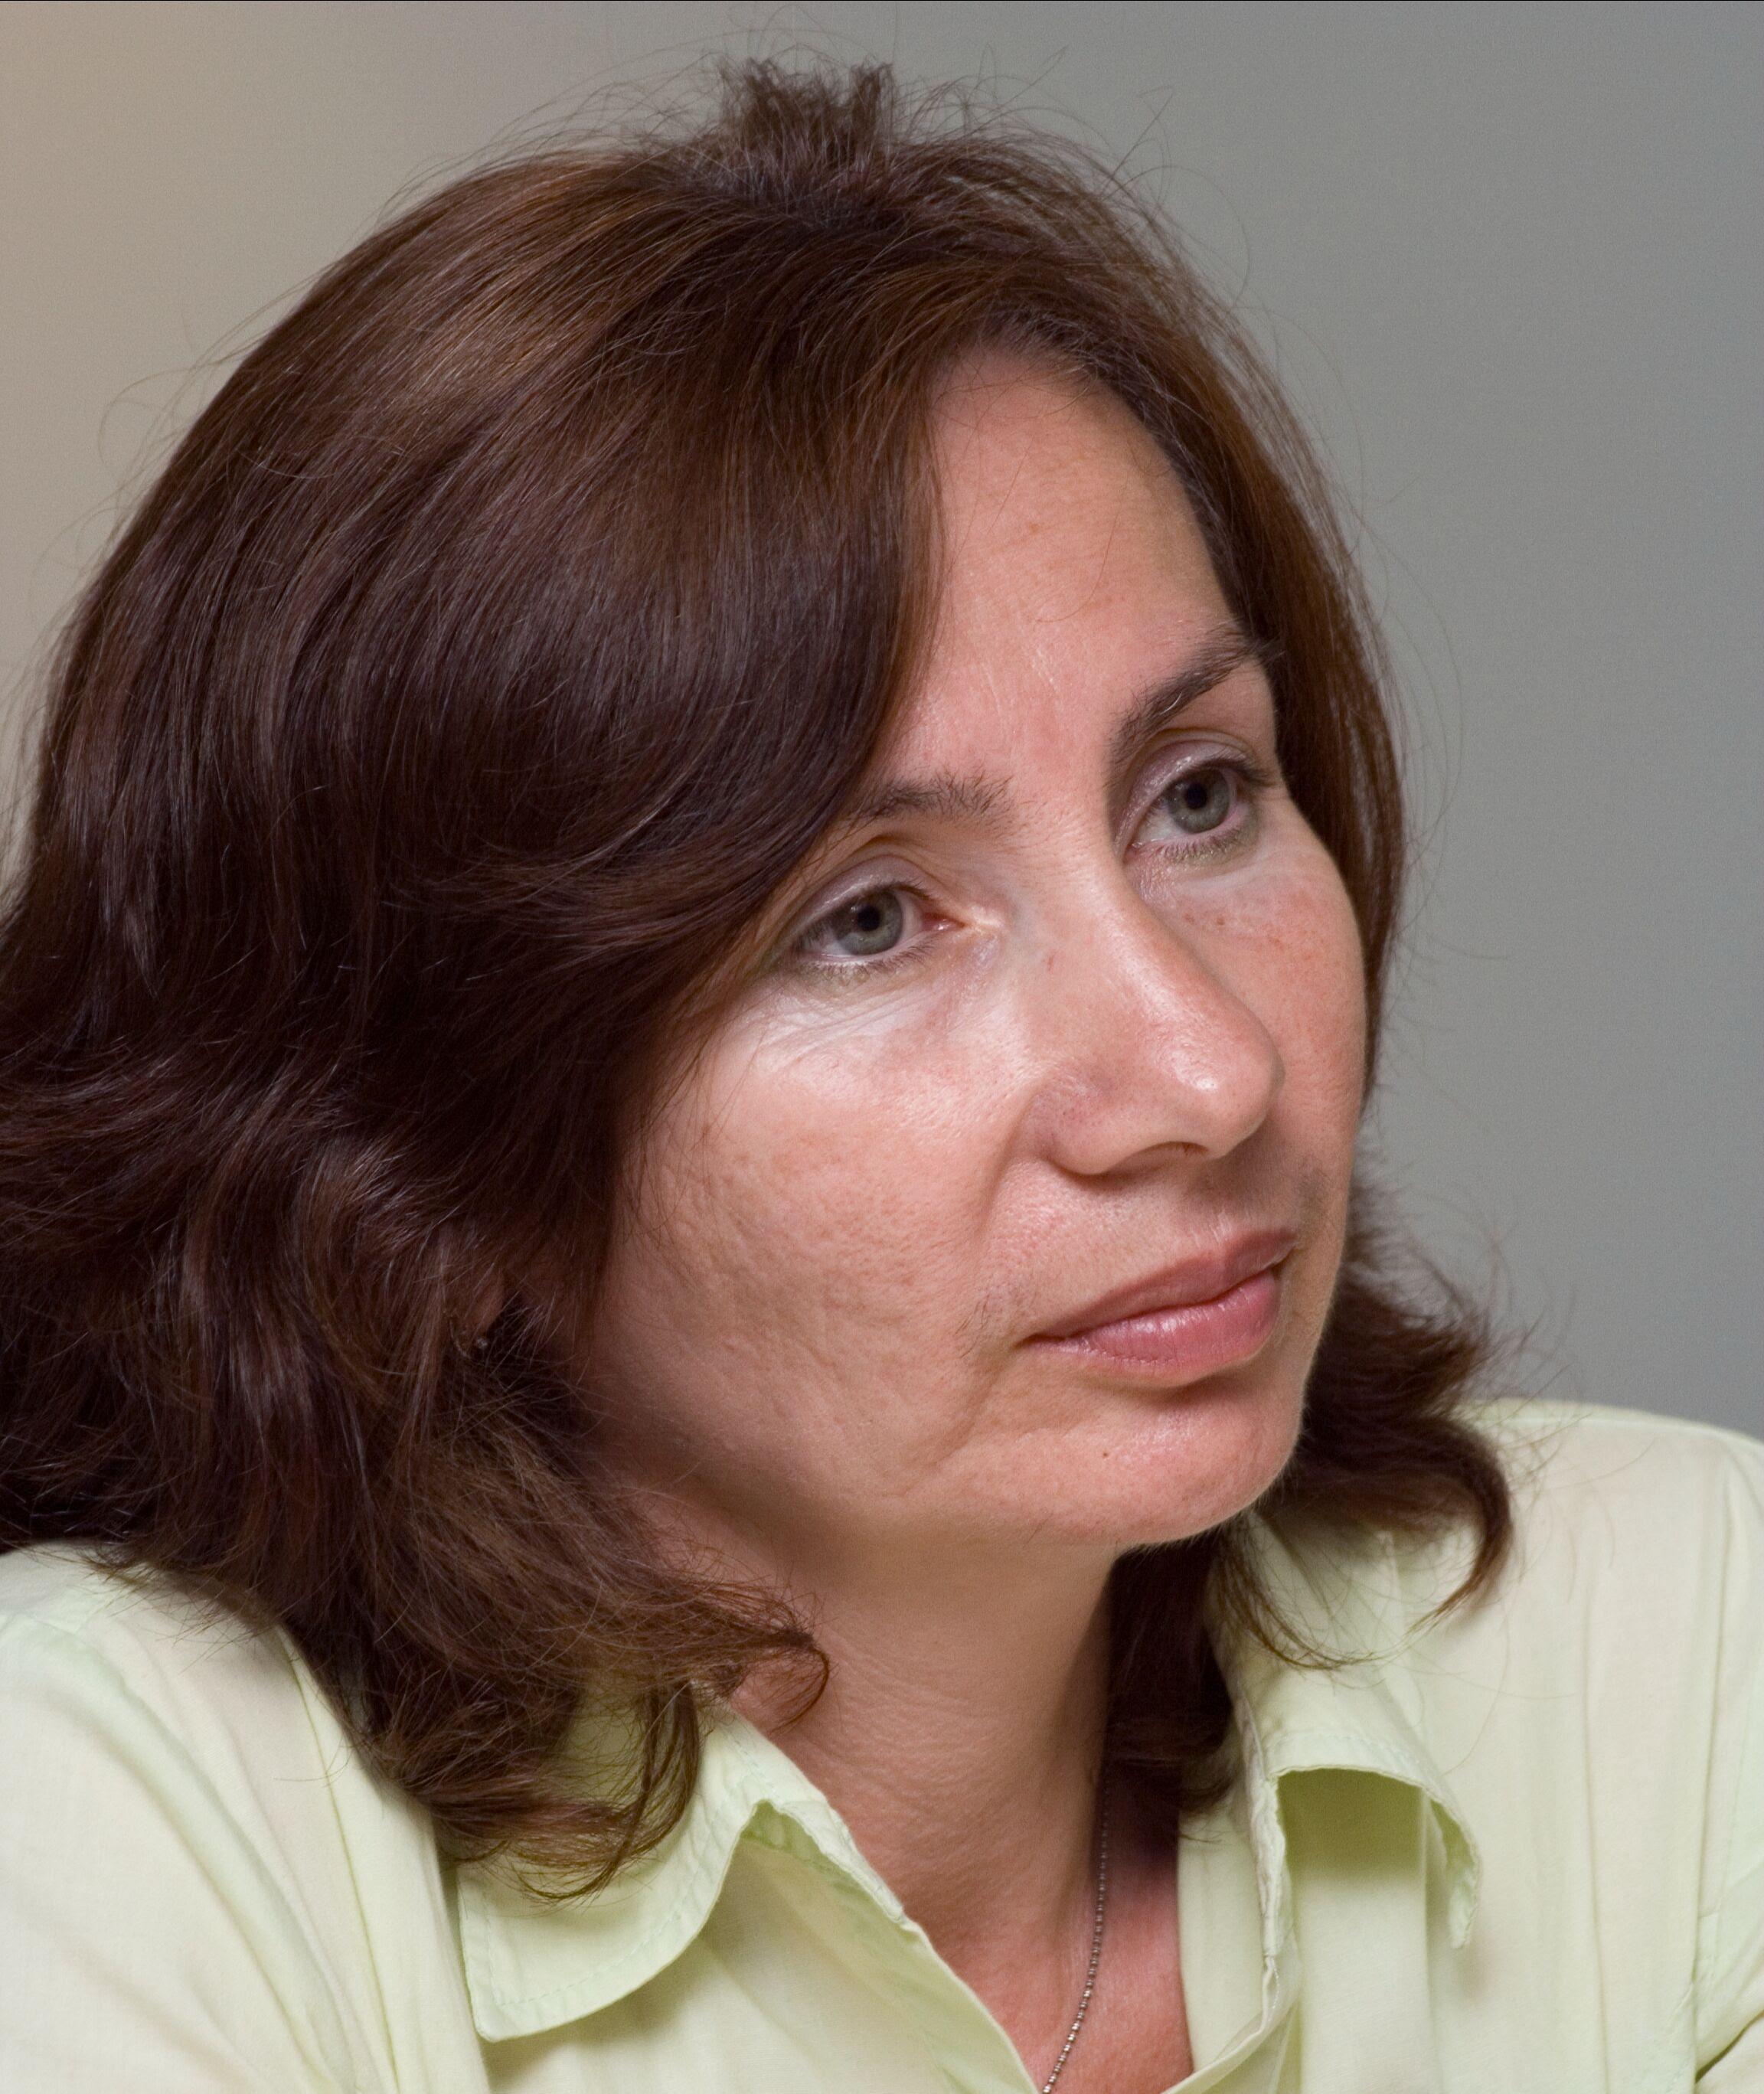 ЕСПЧ по делу Эстемировой: российские власти не провели эффективное расследование убийства правозащитницы